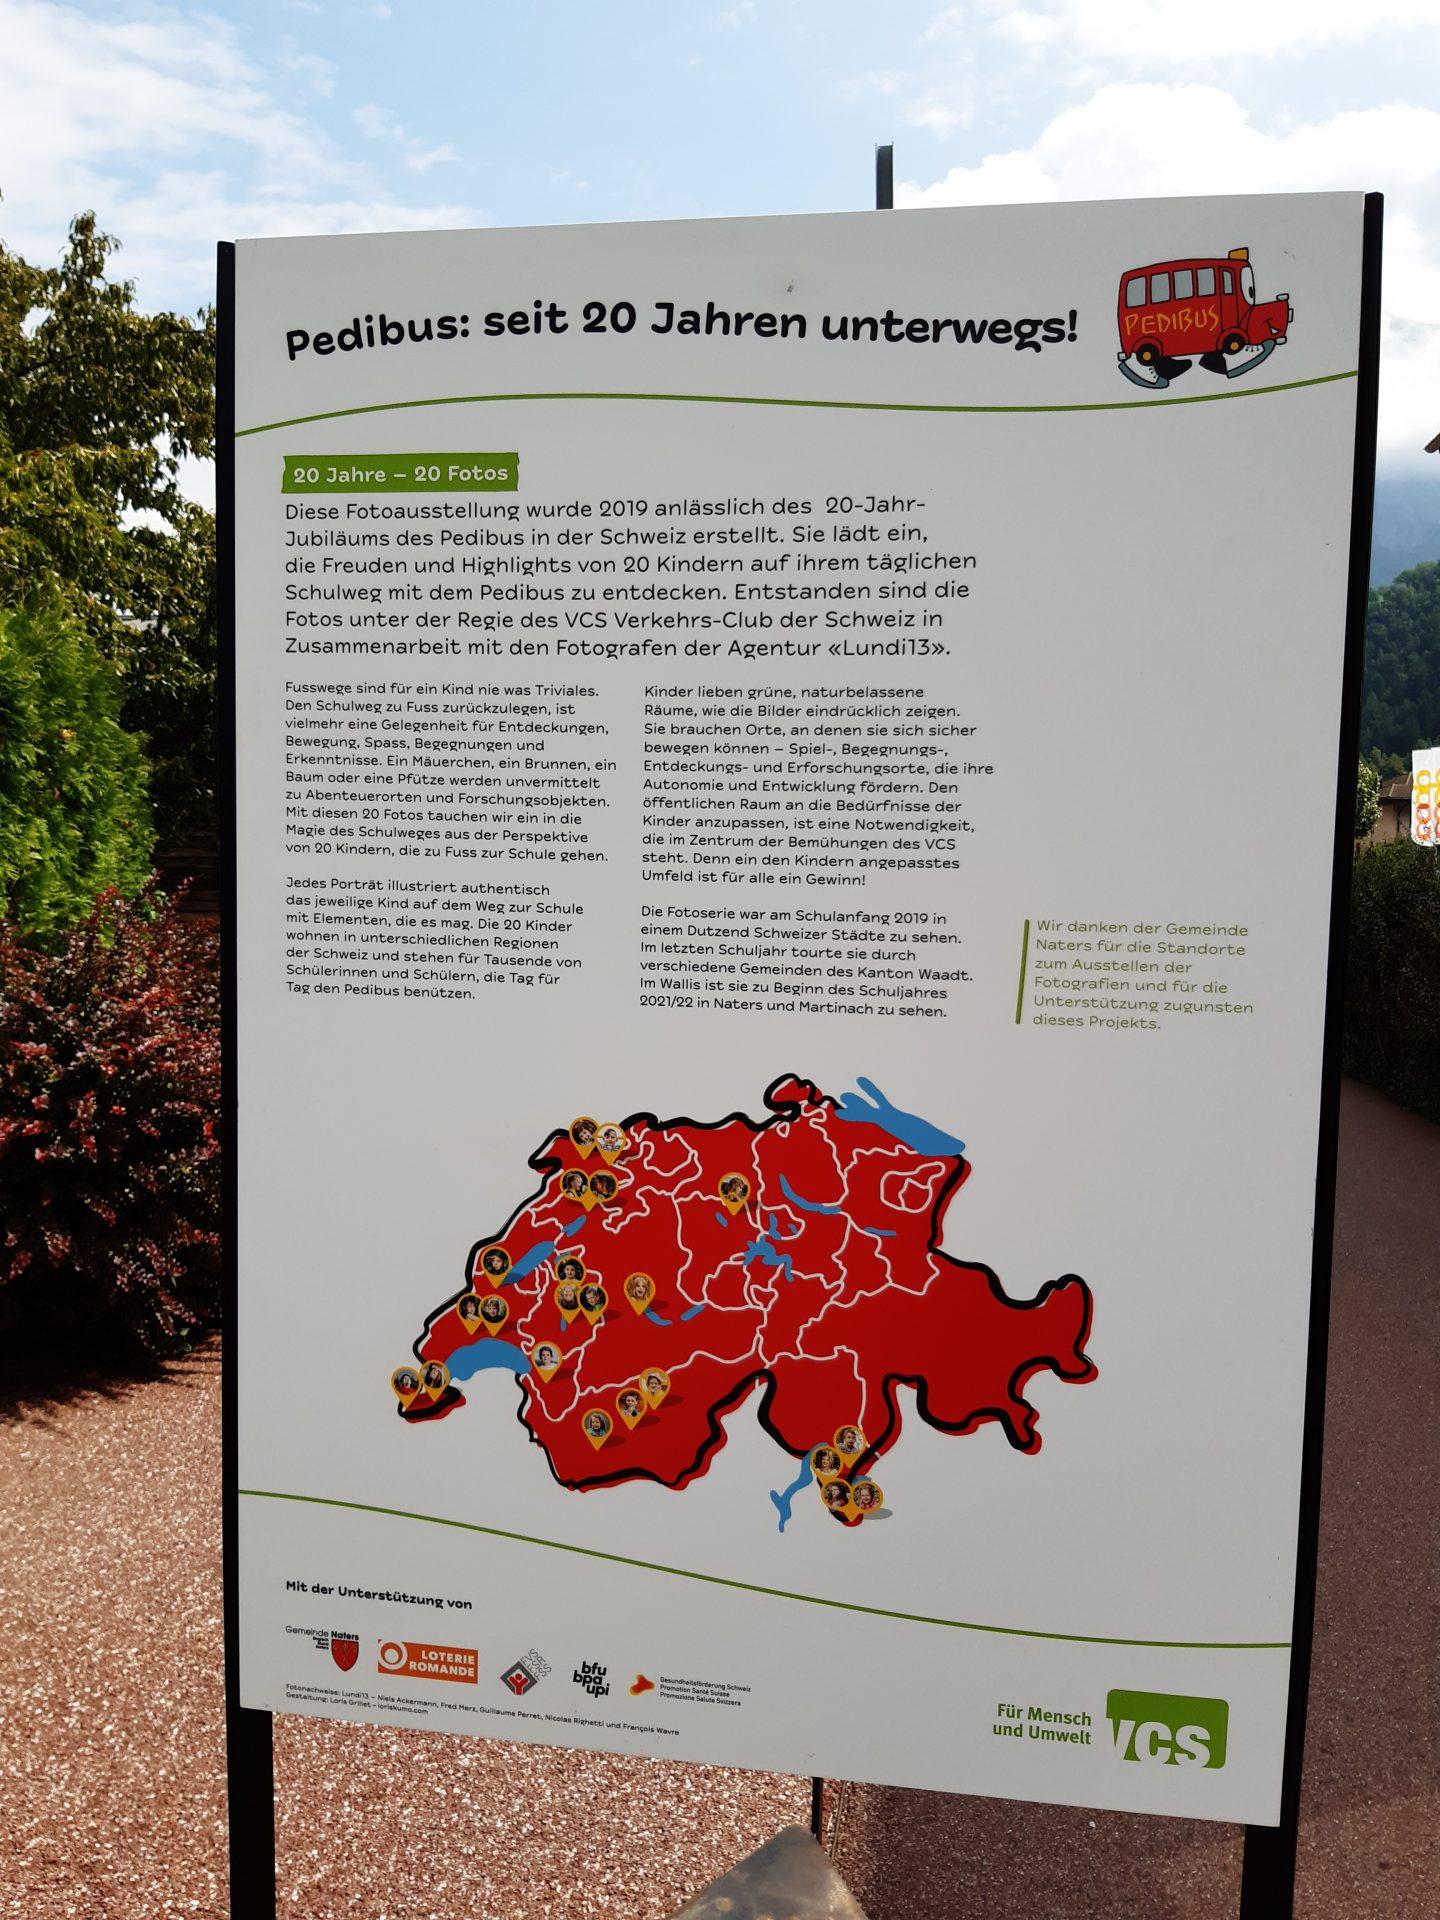 Pedibus-Ausstellung in Naters